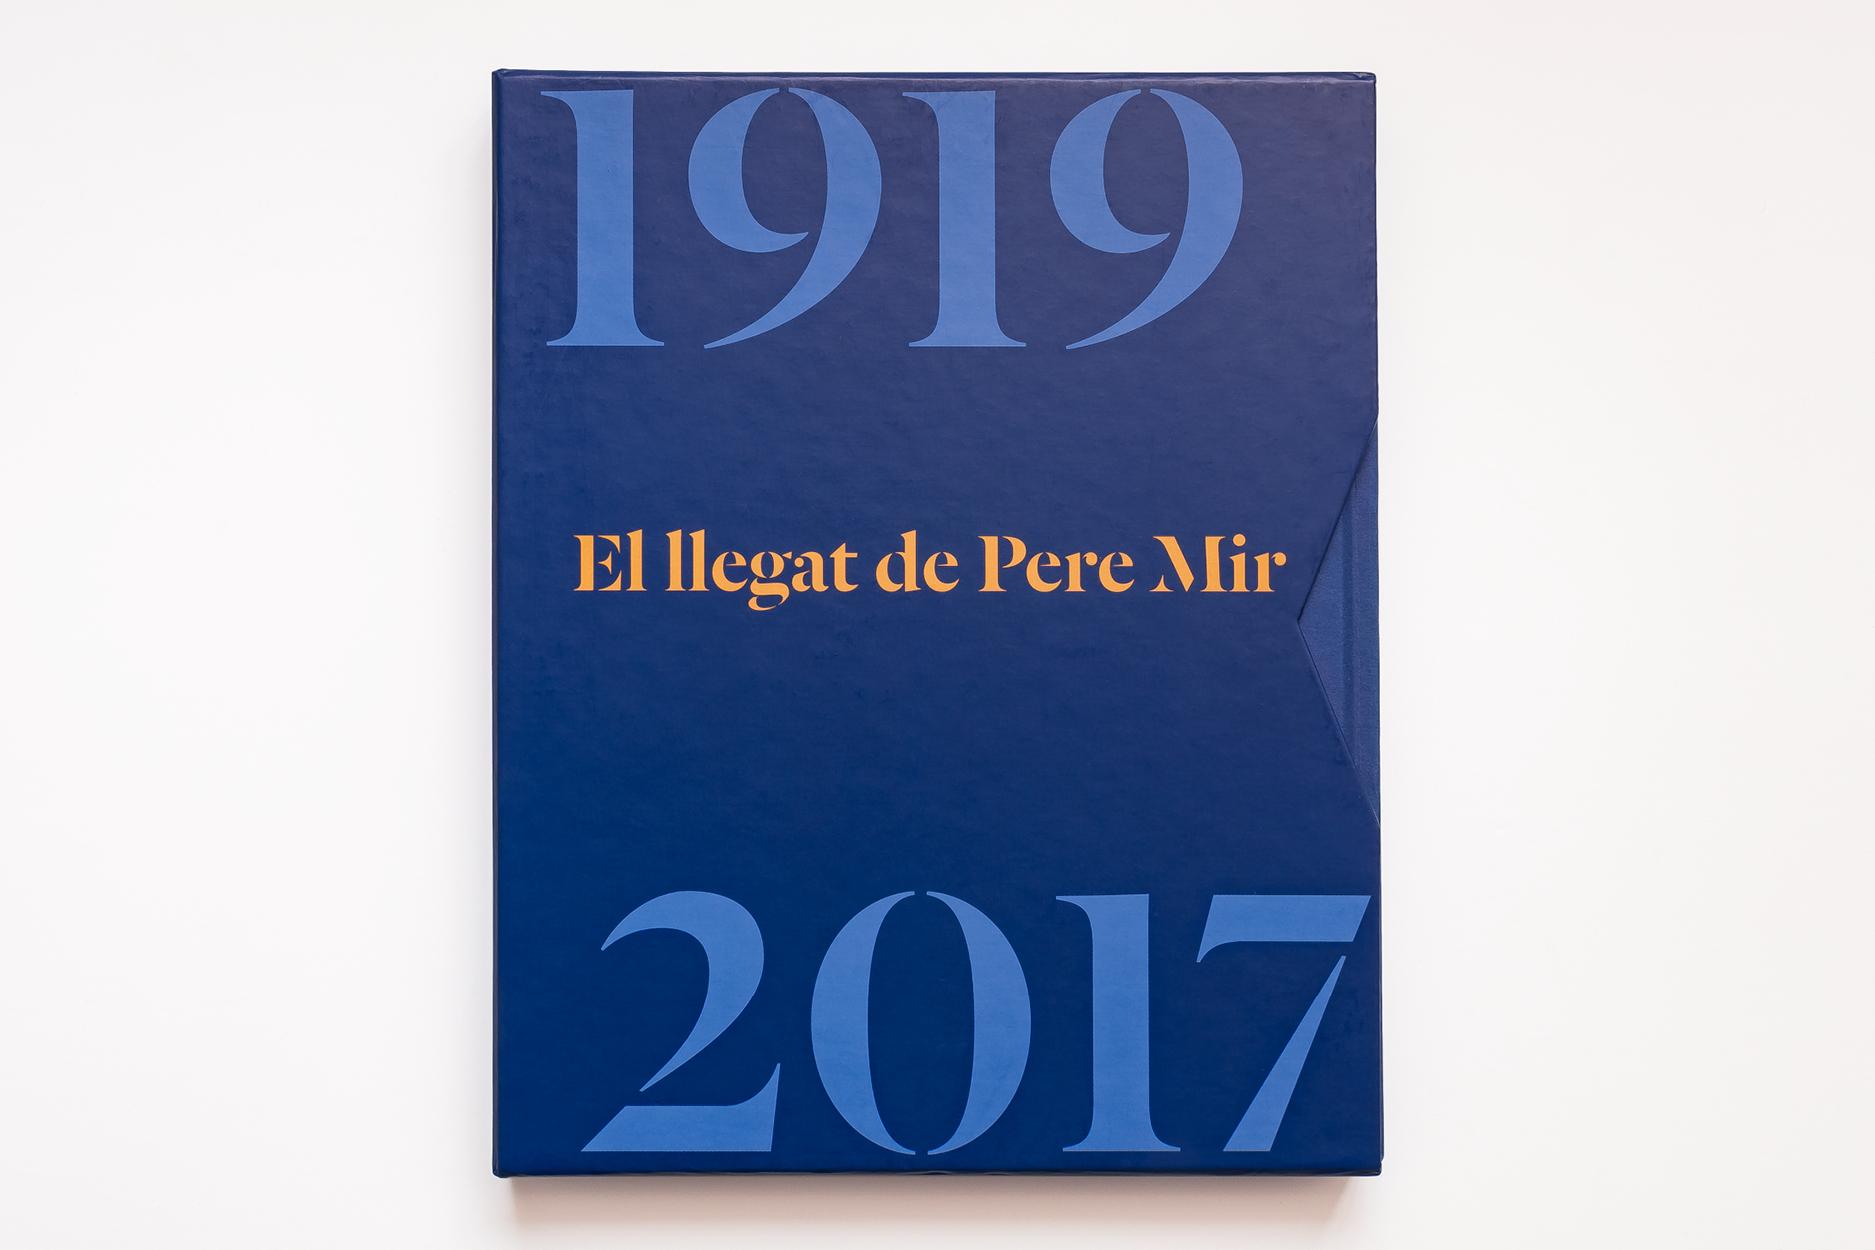 Llibre_El llegat de Pere Mir_web.jpg